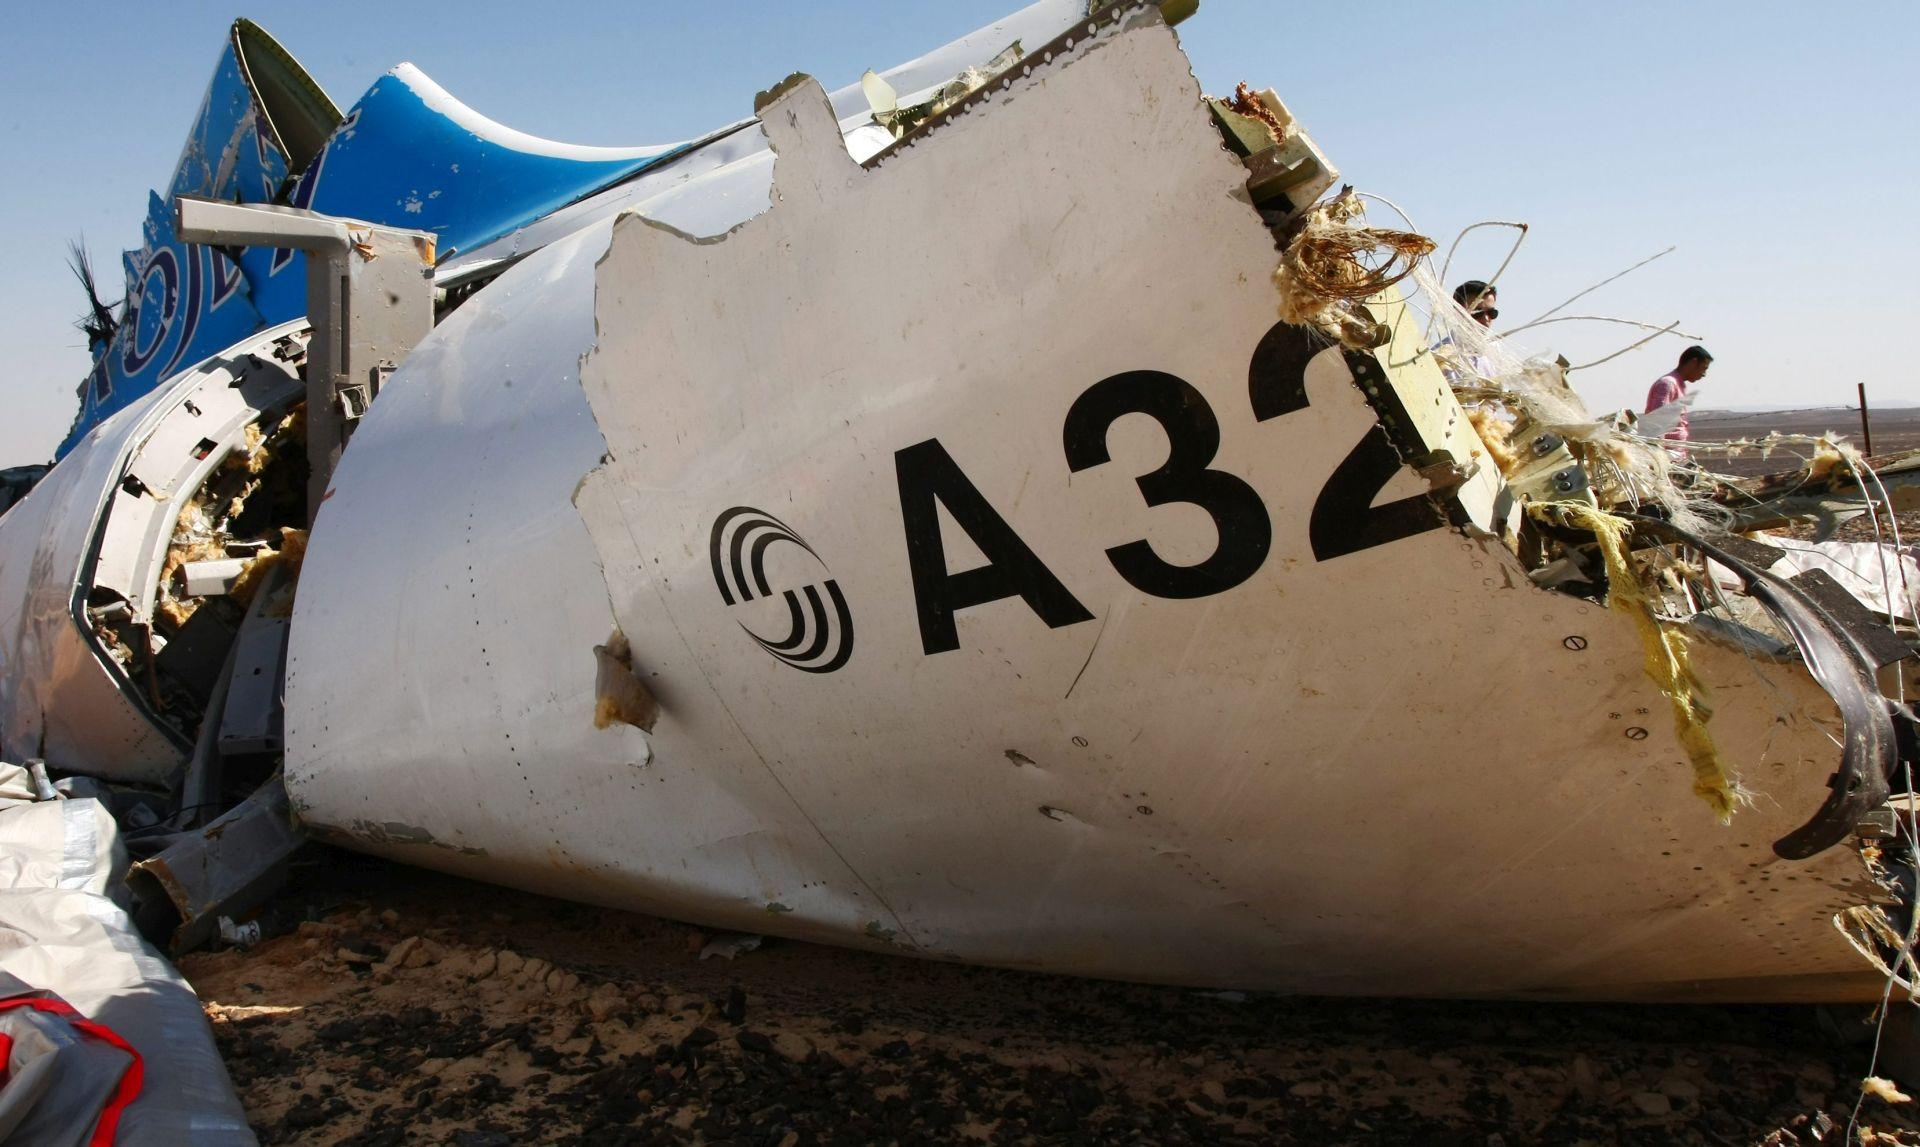 ZAJEDNIČKA KONFERENCIJA Egipat zasad nema dokaza o terorističkom napadu na ruski zrakoplov